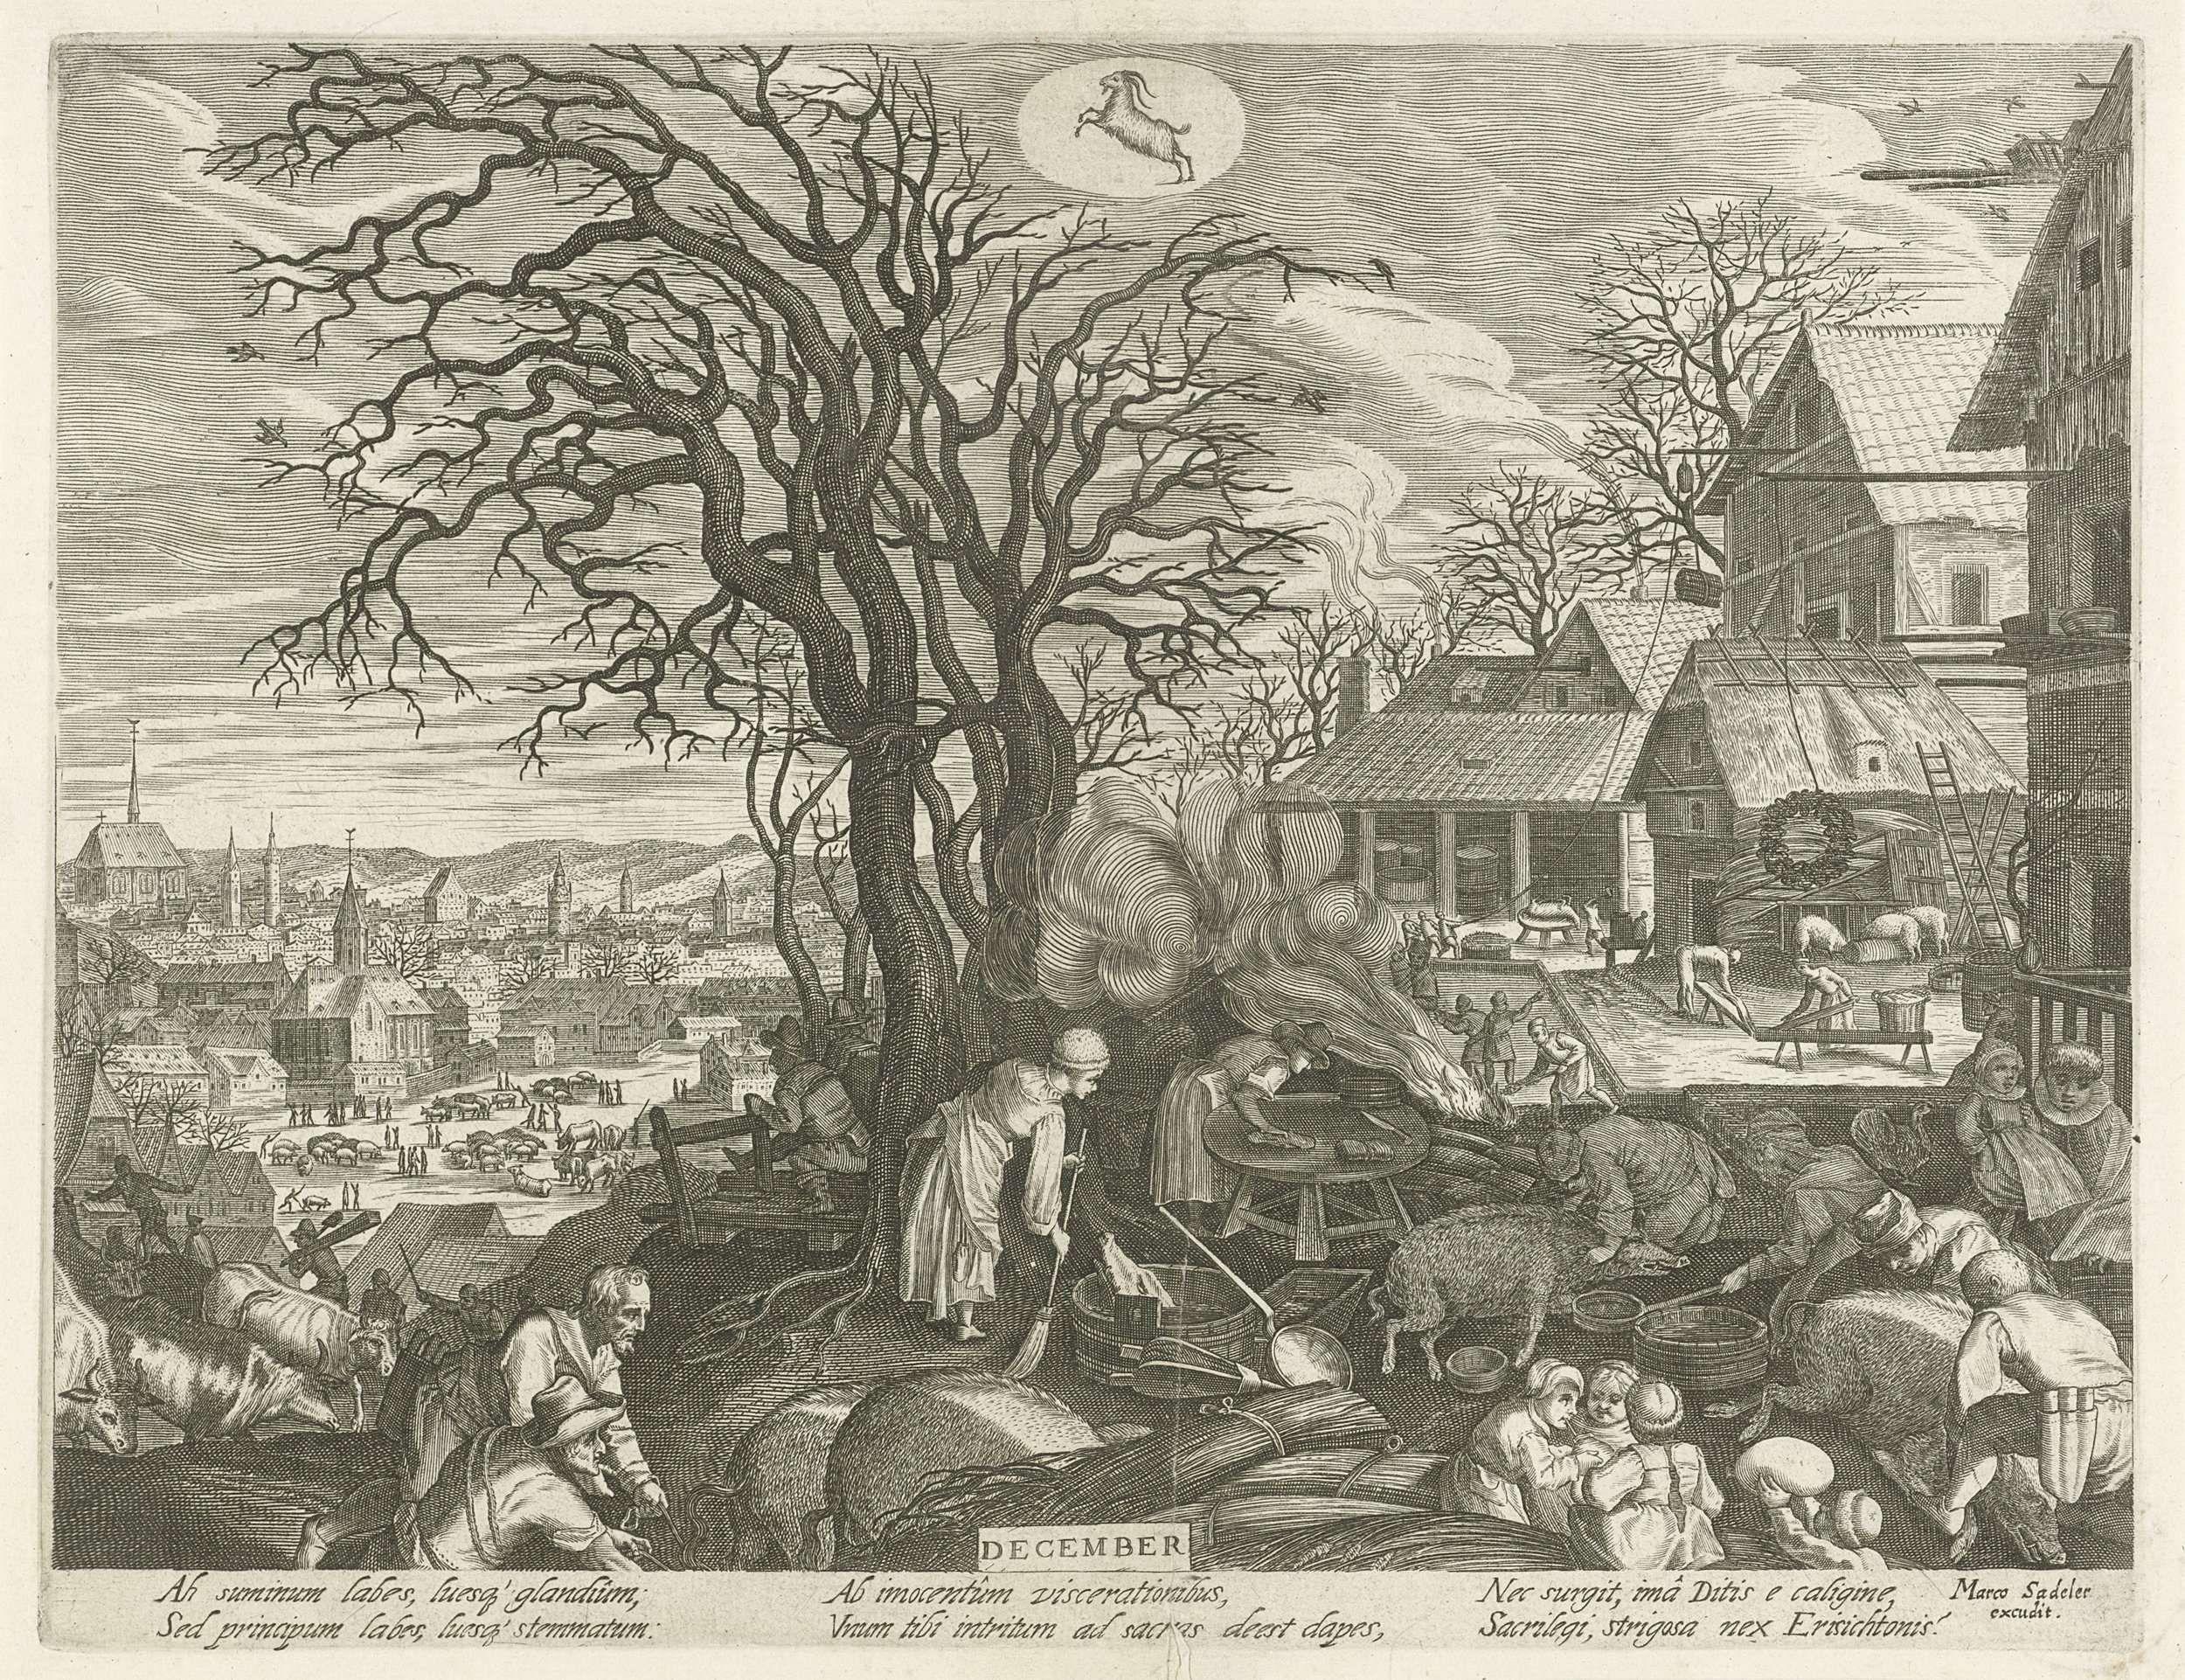 Aegidius Sadeler   December, Aegidius Sadeler, Pieter Stevens (I), Pieter Stevens (II), 1607   December is de slachtmaand. Centraal staat het slachten van vee en het pekelen van vlees. Middenboven het sterrenbeeld Steenbok. De prent heeft een Latijns onderschrift.